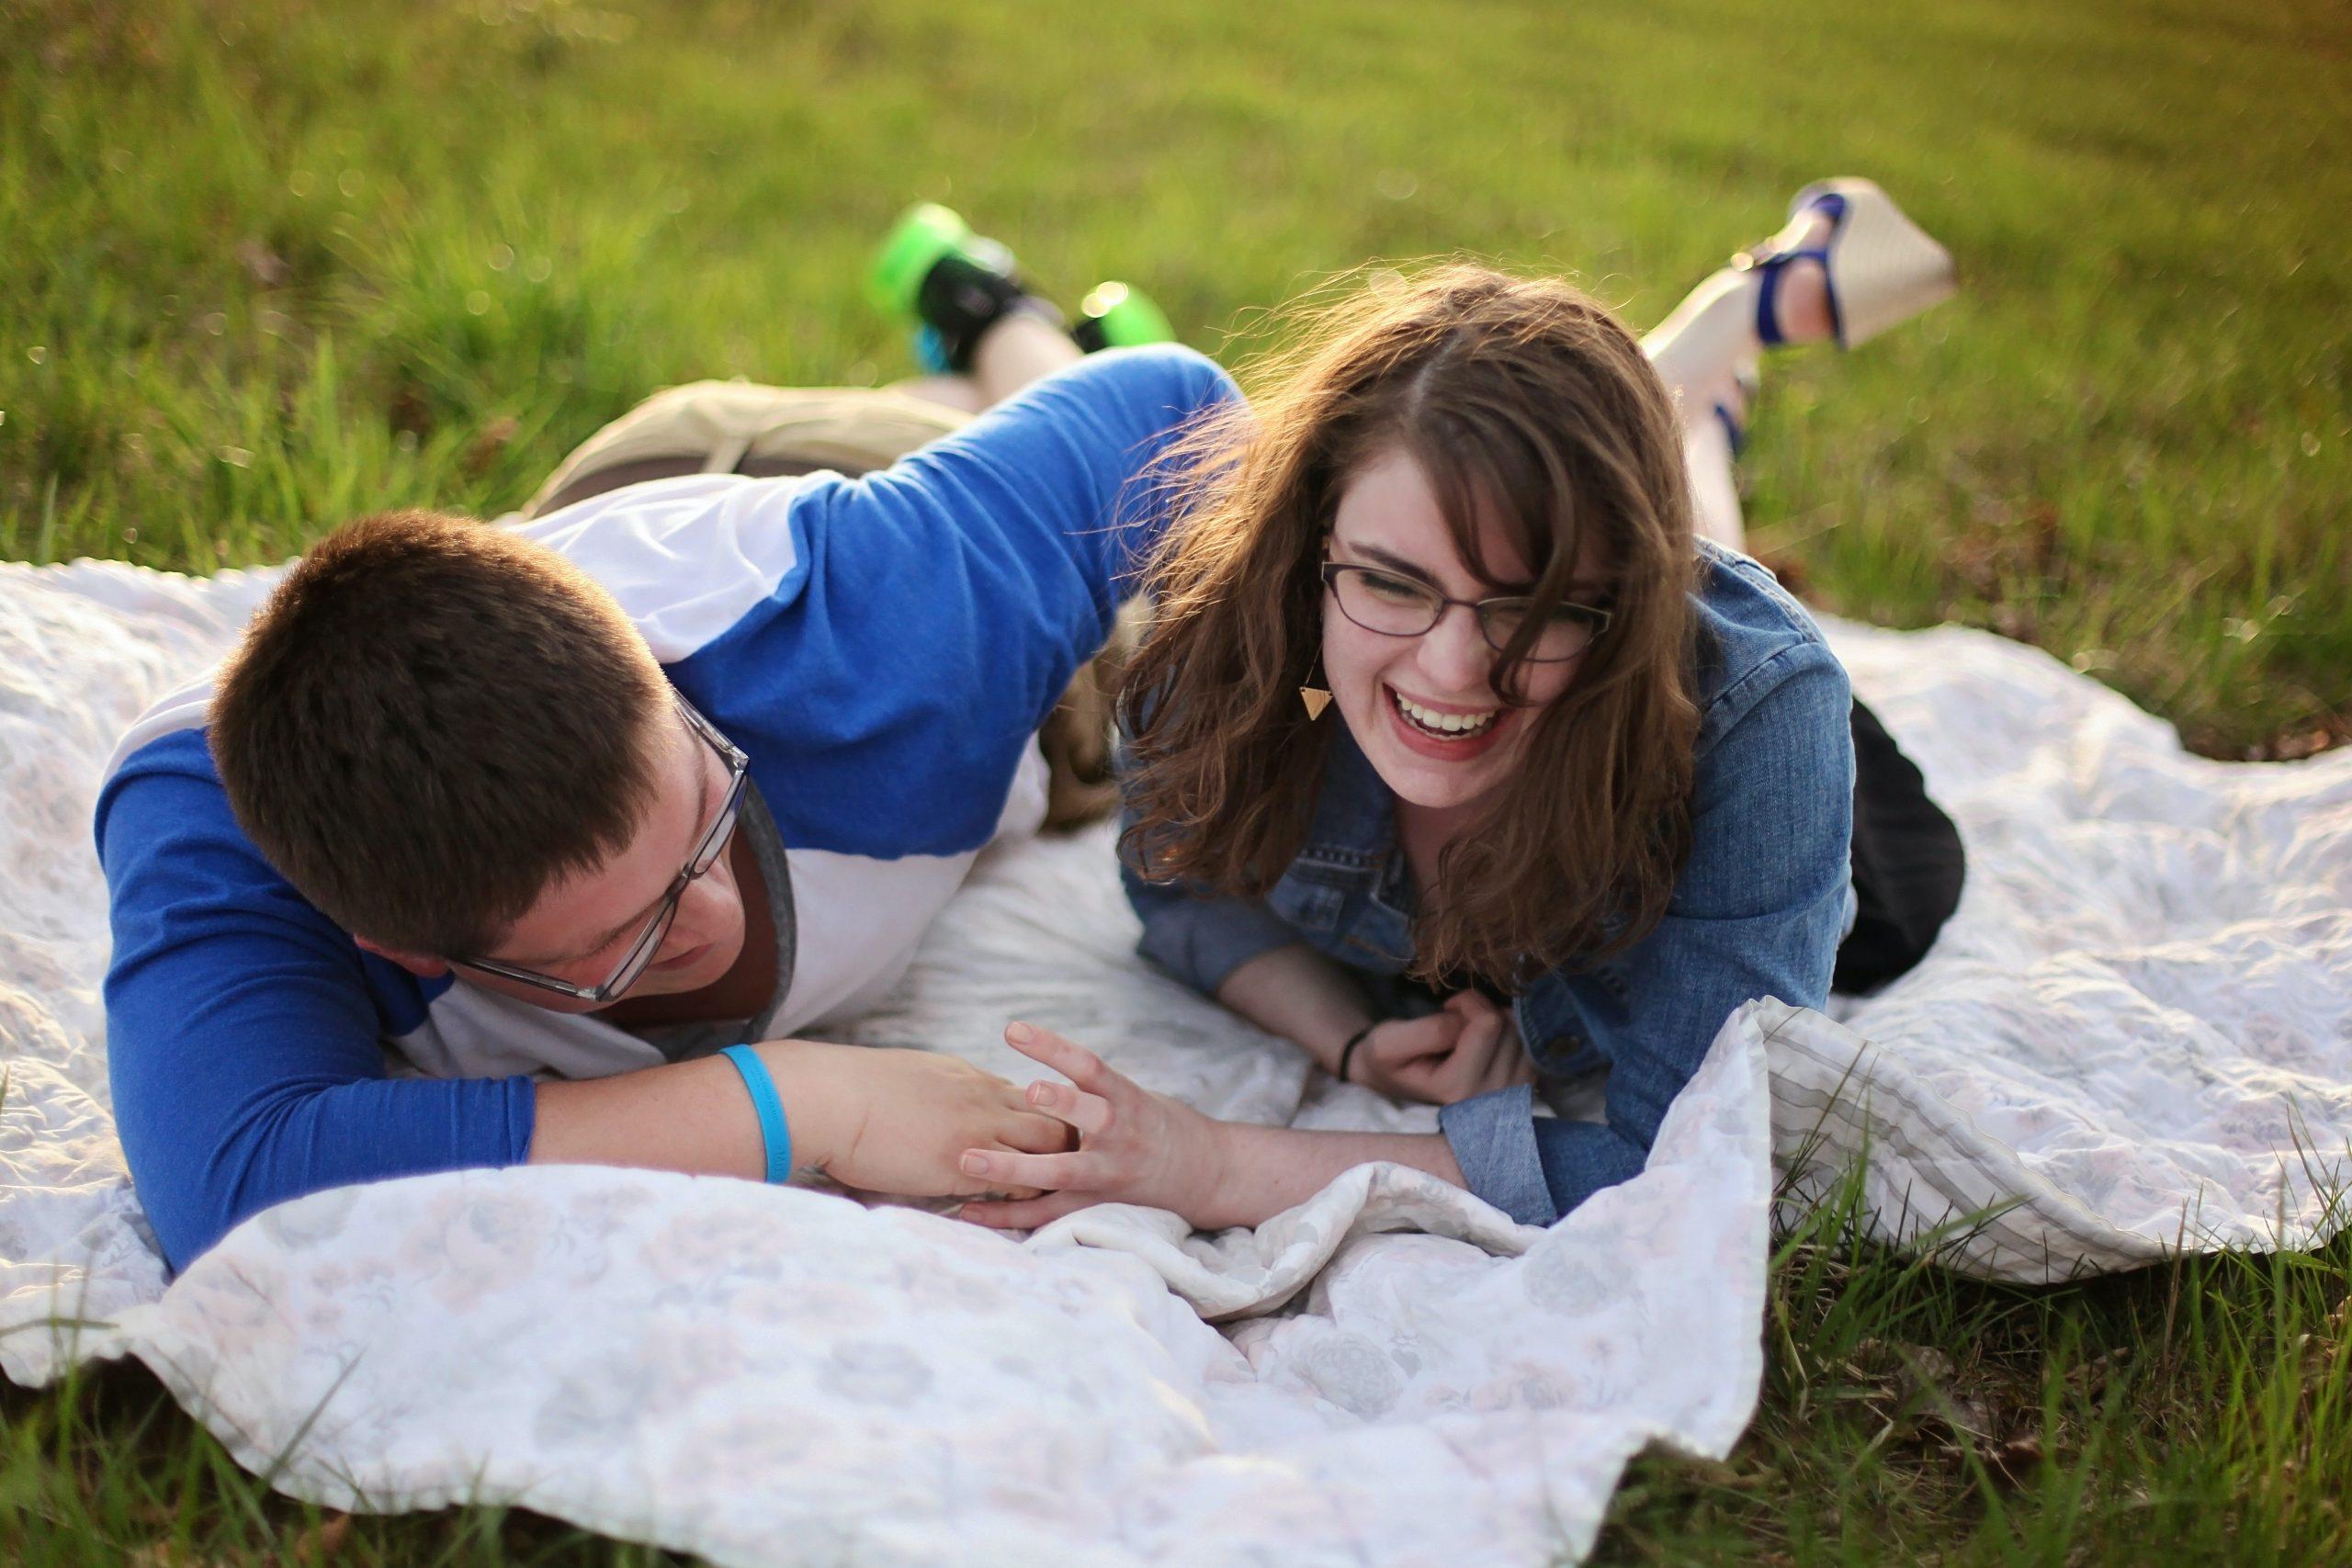 Couple outside smiling